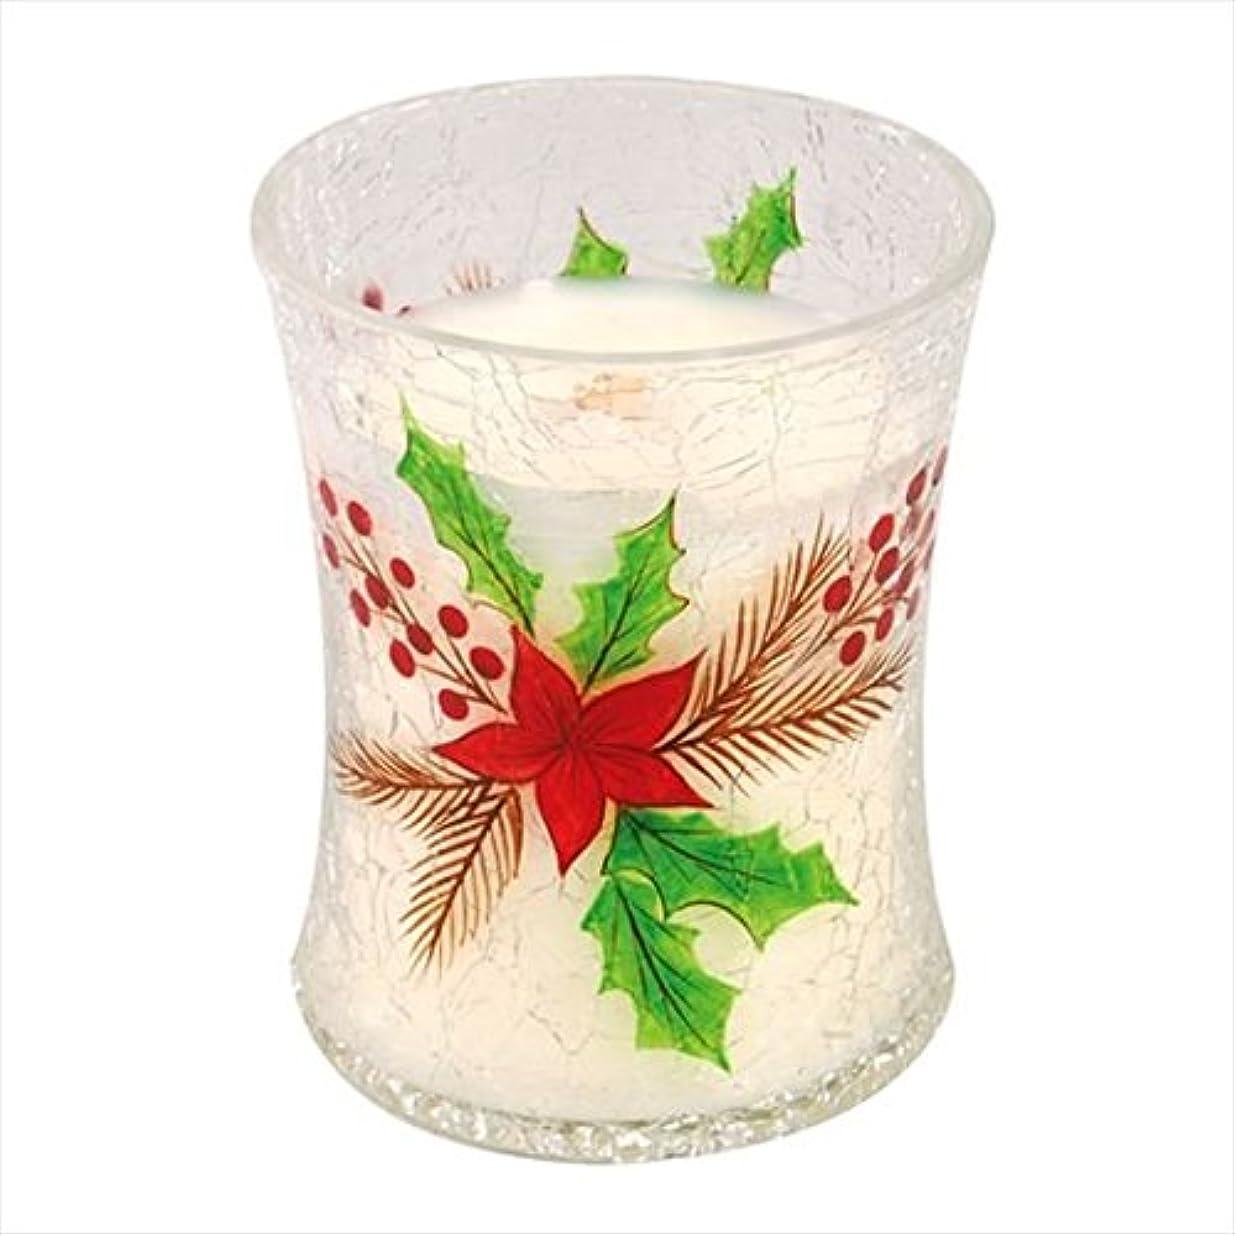 ぶどうドレスこどもの宮殿WoodWick(ウッドウィック) Wood WickディーカルクラックジャーM 「 クリスマスケーキ 」(W924050706)